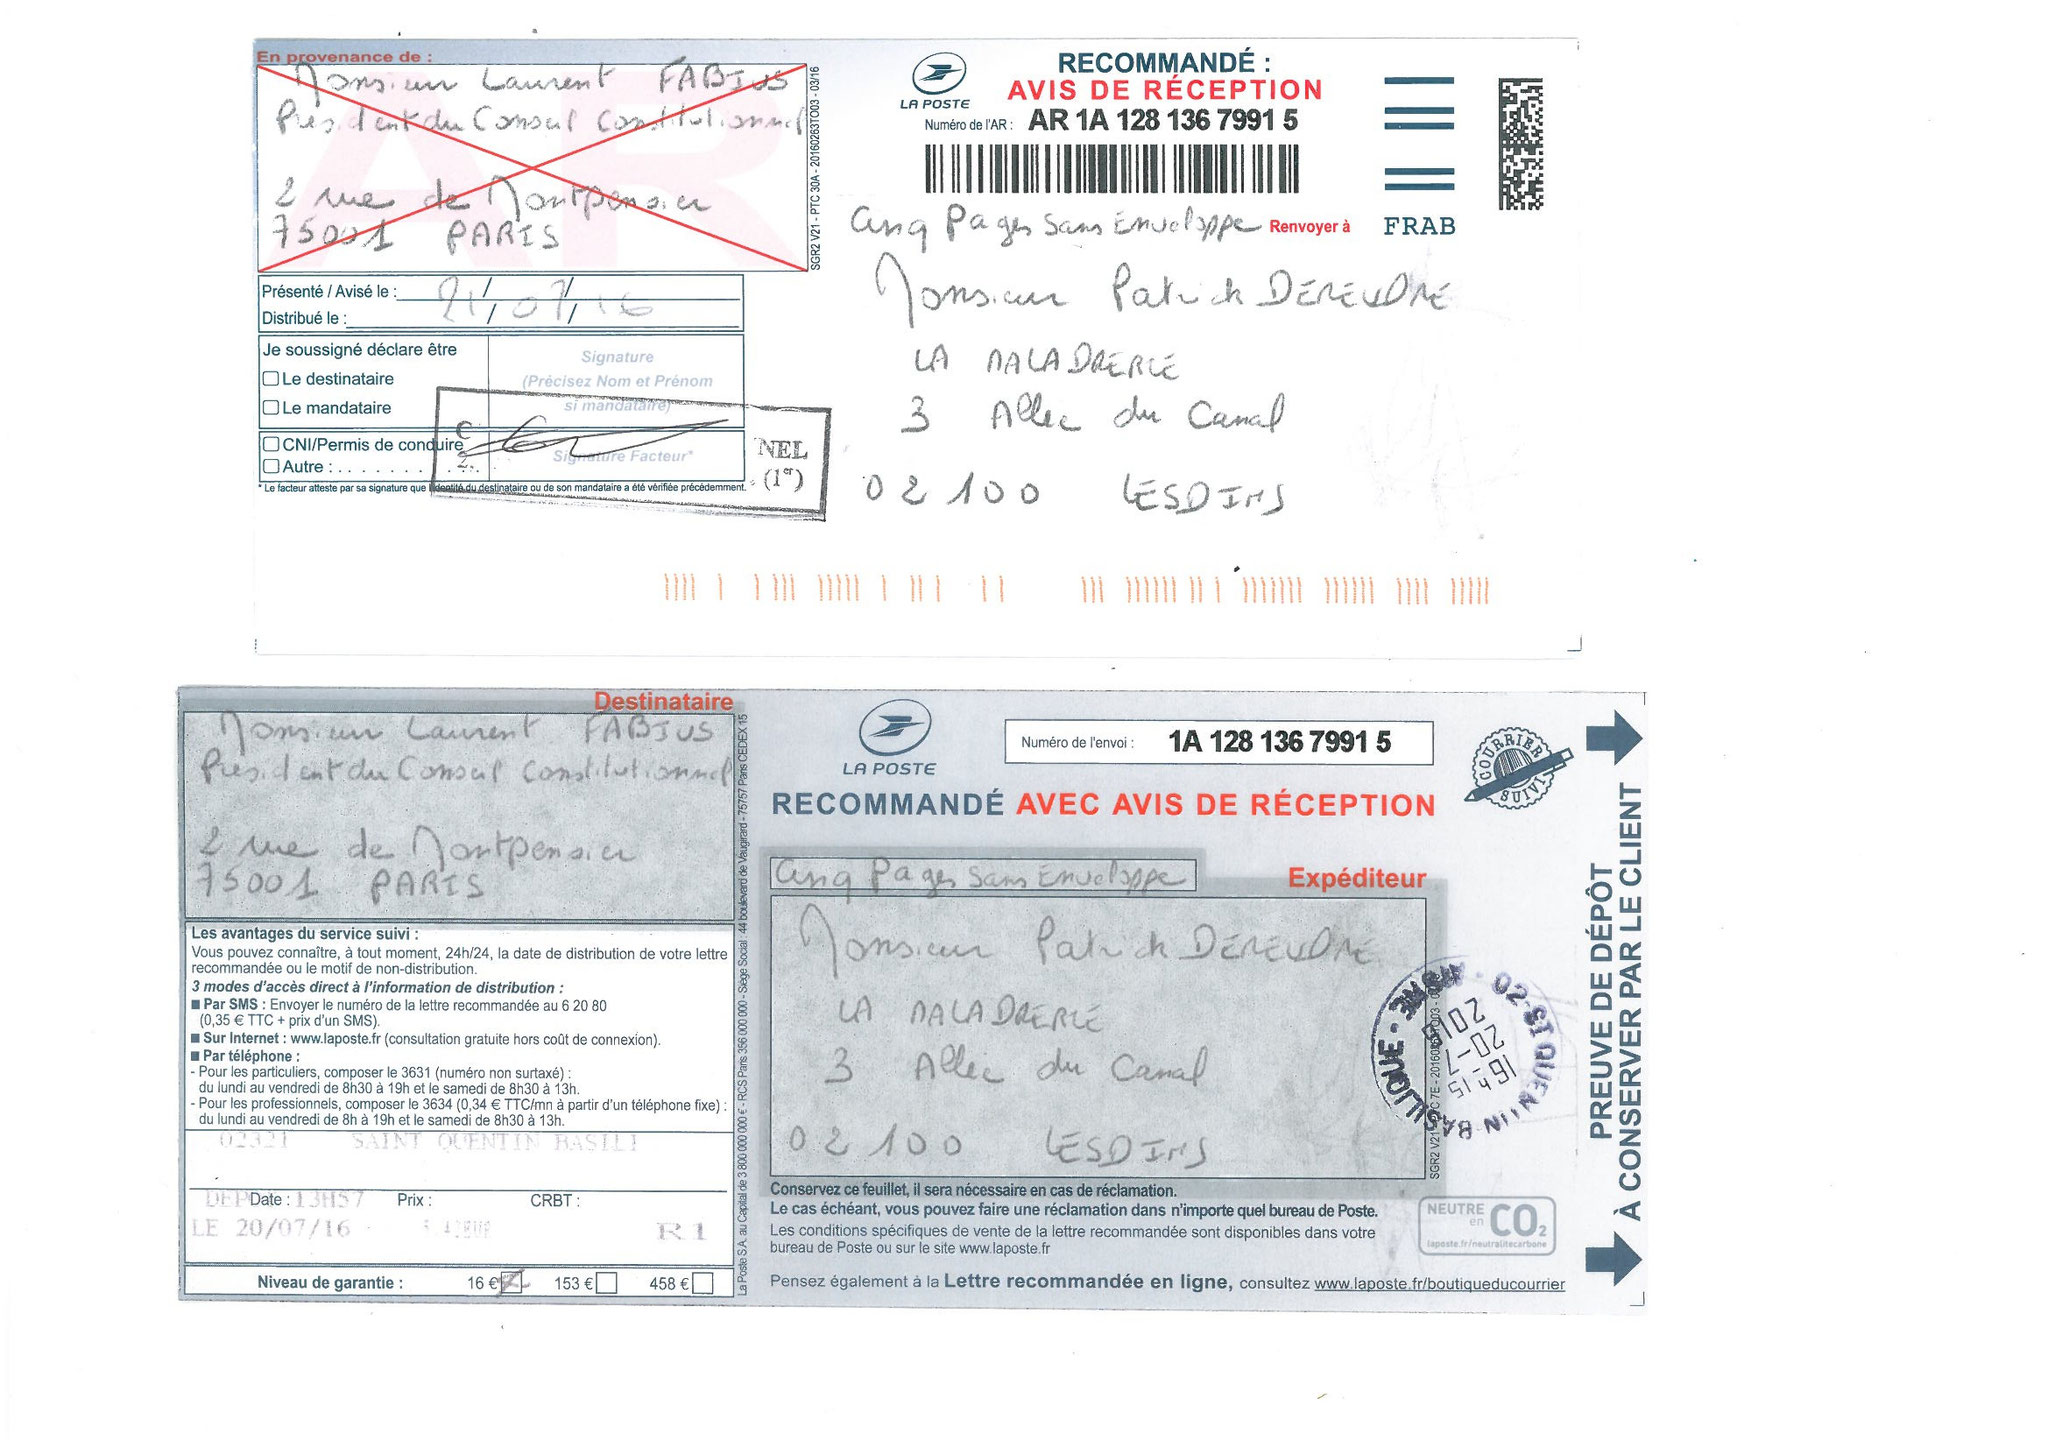 LRAR  Preuve de dépôt et Accusé de Réception du 20 Juillet 2016 à Monsieur Laurent FABIUS le Président du Conseil Constitutionnel  www.maisonnonconforme.fr